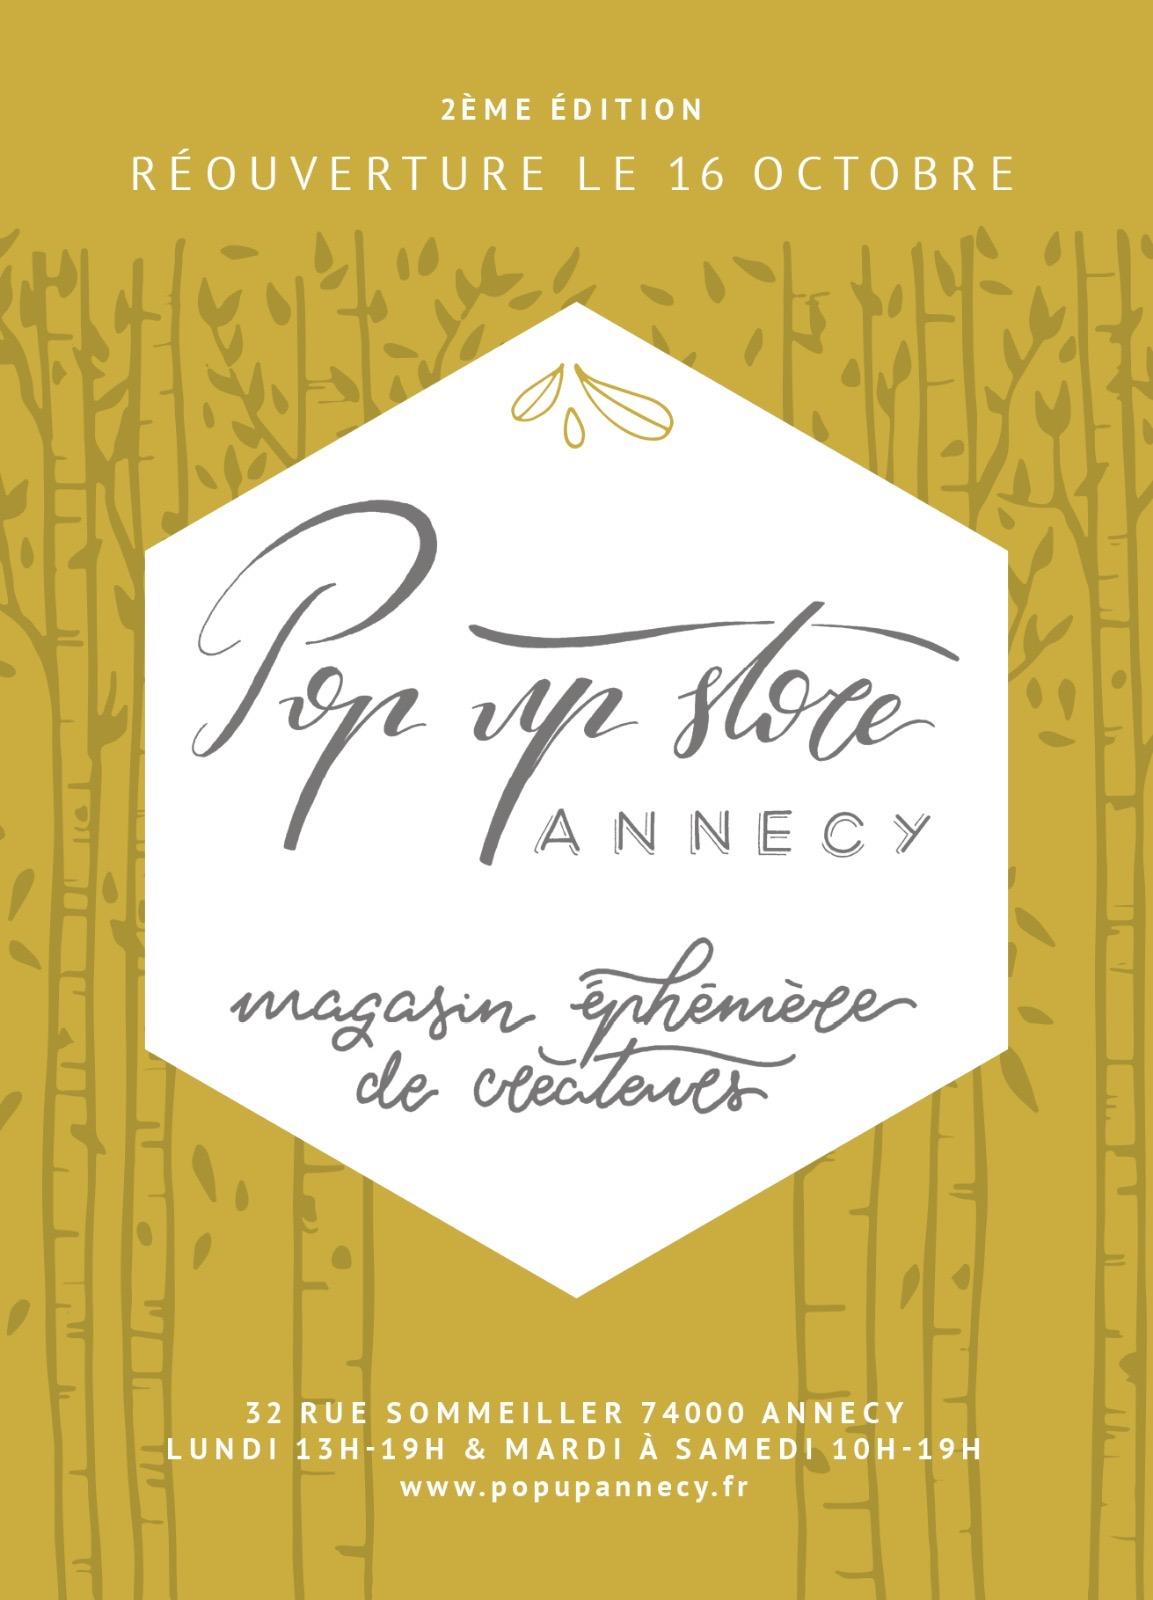 LinoLino | Linogravure et créations à partir d'impressions artisanales | Chambéry, France | Boutique éphémère Pop Up Store Annecy